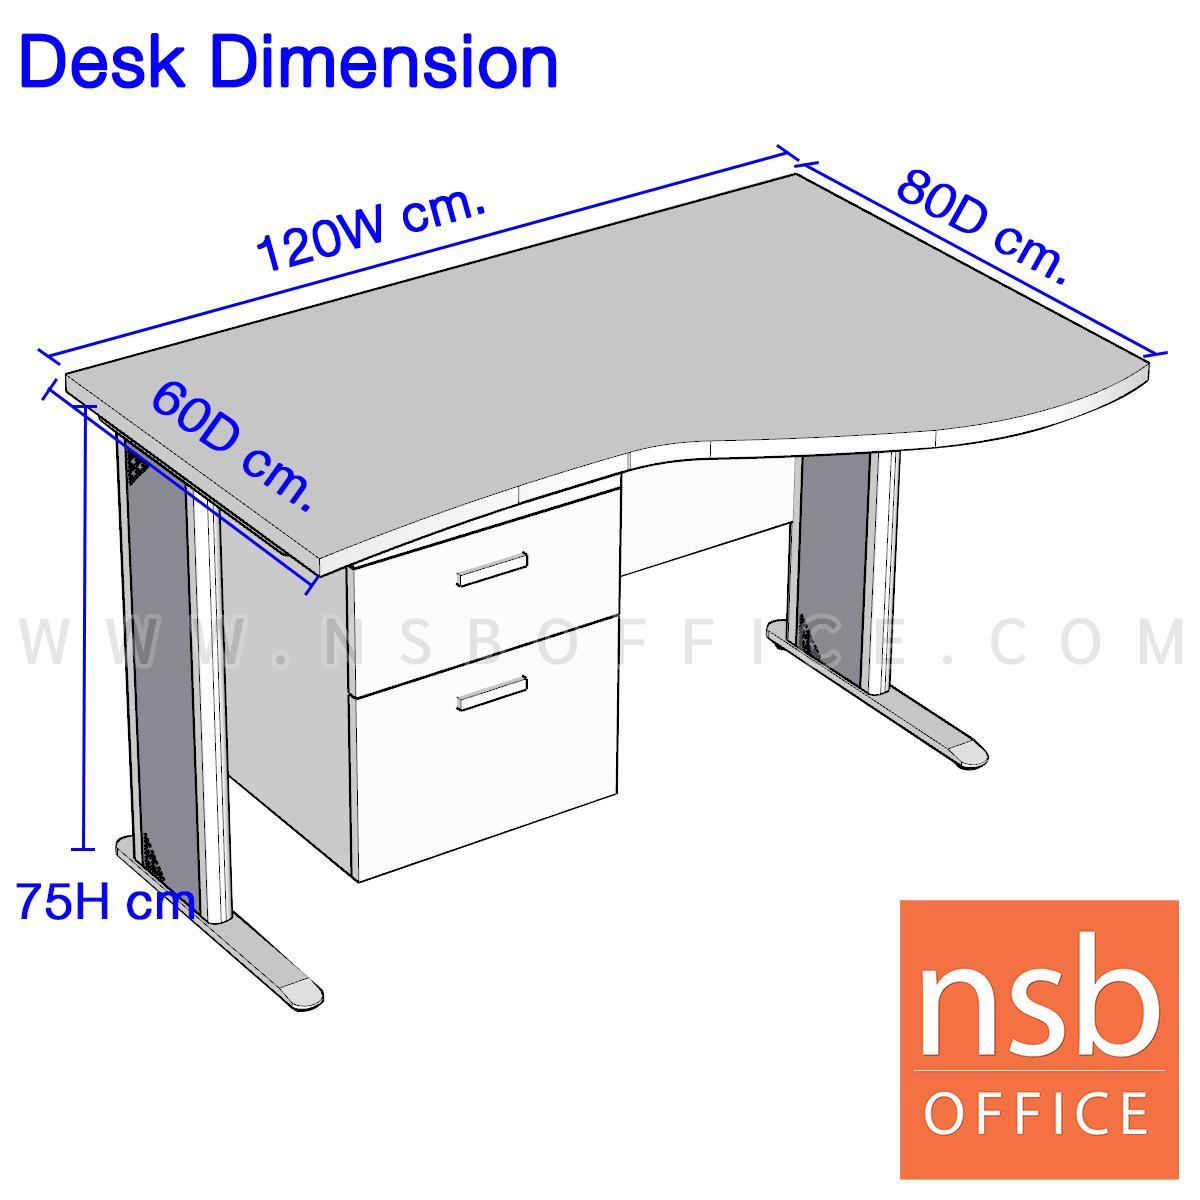 โต๊ะทำงานหน้าโค้ง รุ่น Telford (เทลฟอร์ด) ขนาด 120W ,135W ,150W ,165W ,180W cm. มีลิ้นชักข้าง